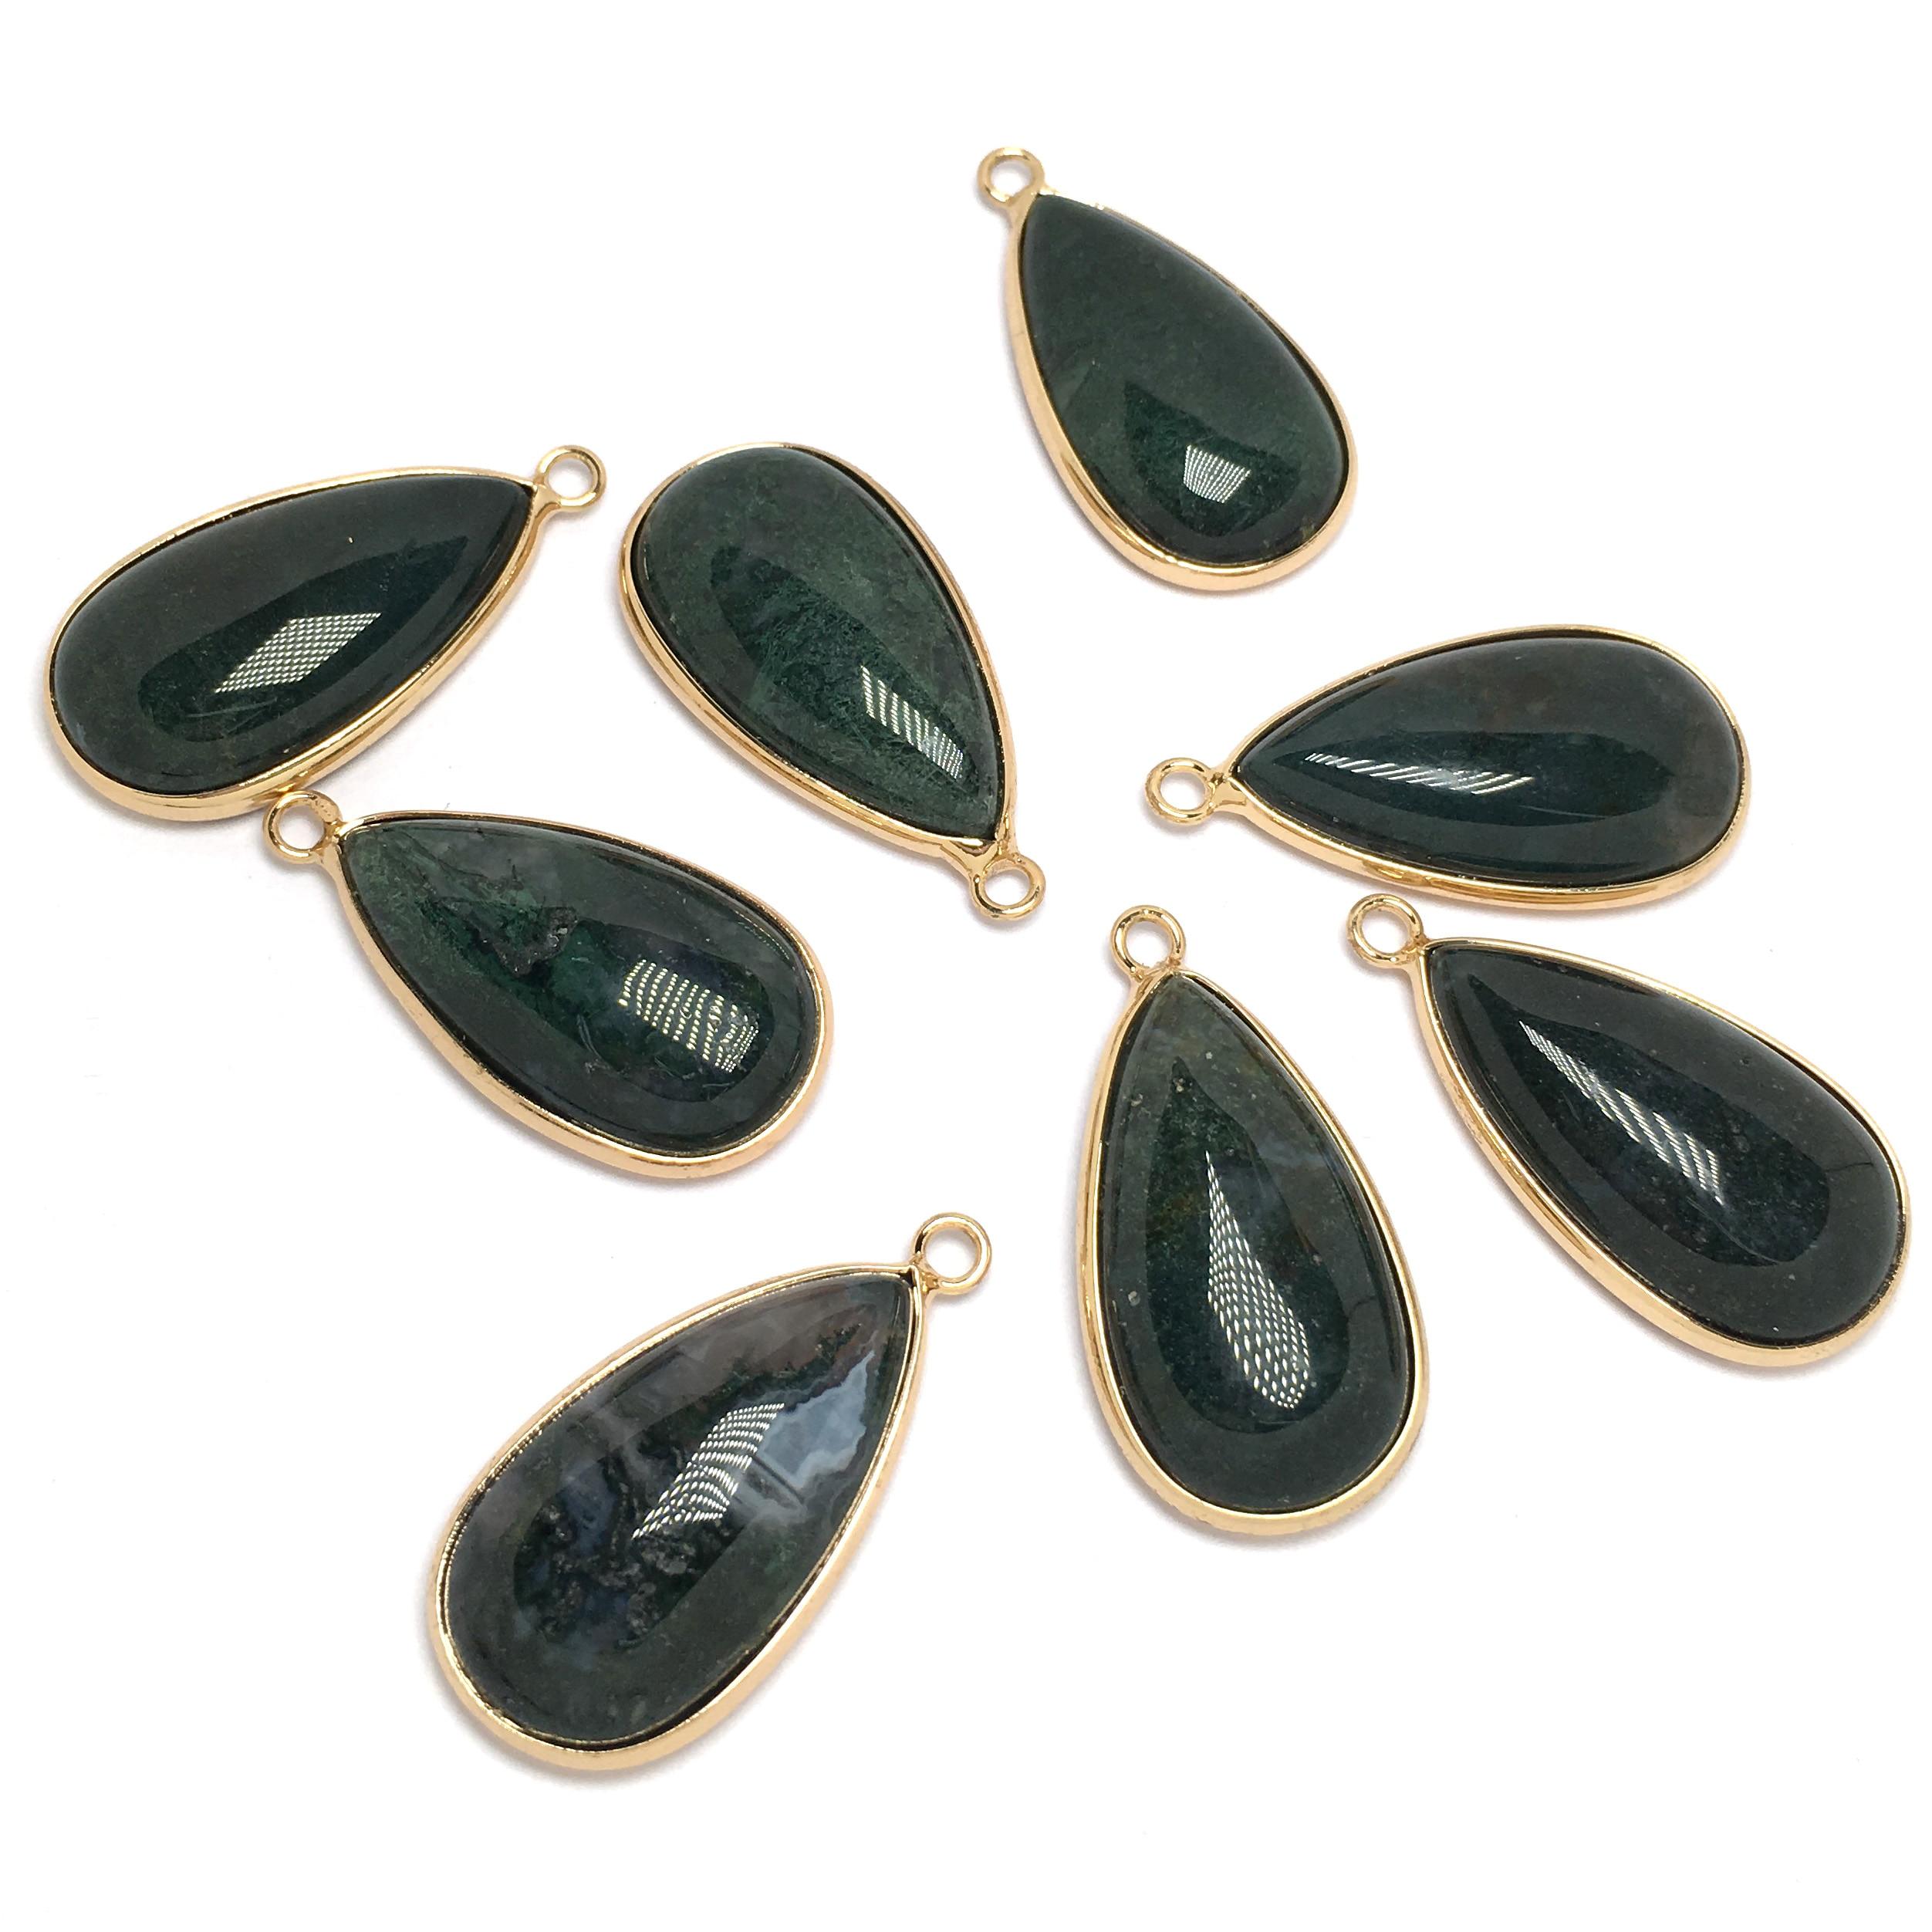 Натуральные Агаты Подвески для самостоятельного изготовления ювелирных изделий Аксессуары подходящие ожерелья|Шармы|   | АлиЭкспресс